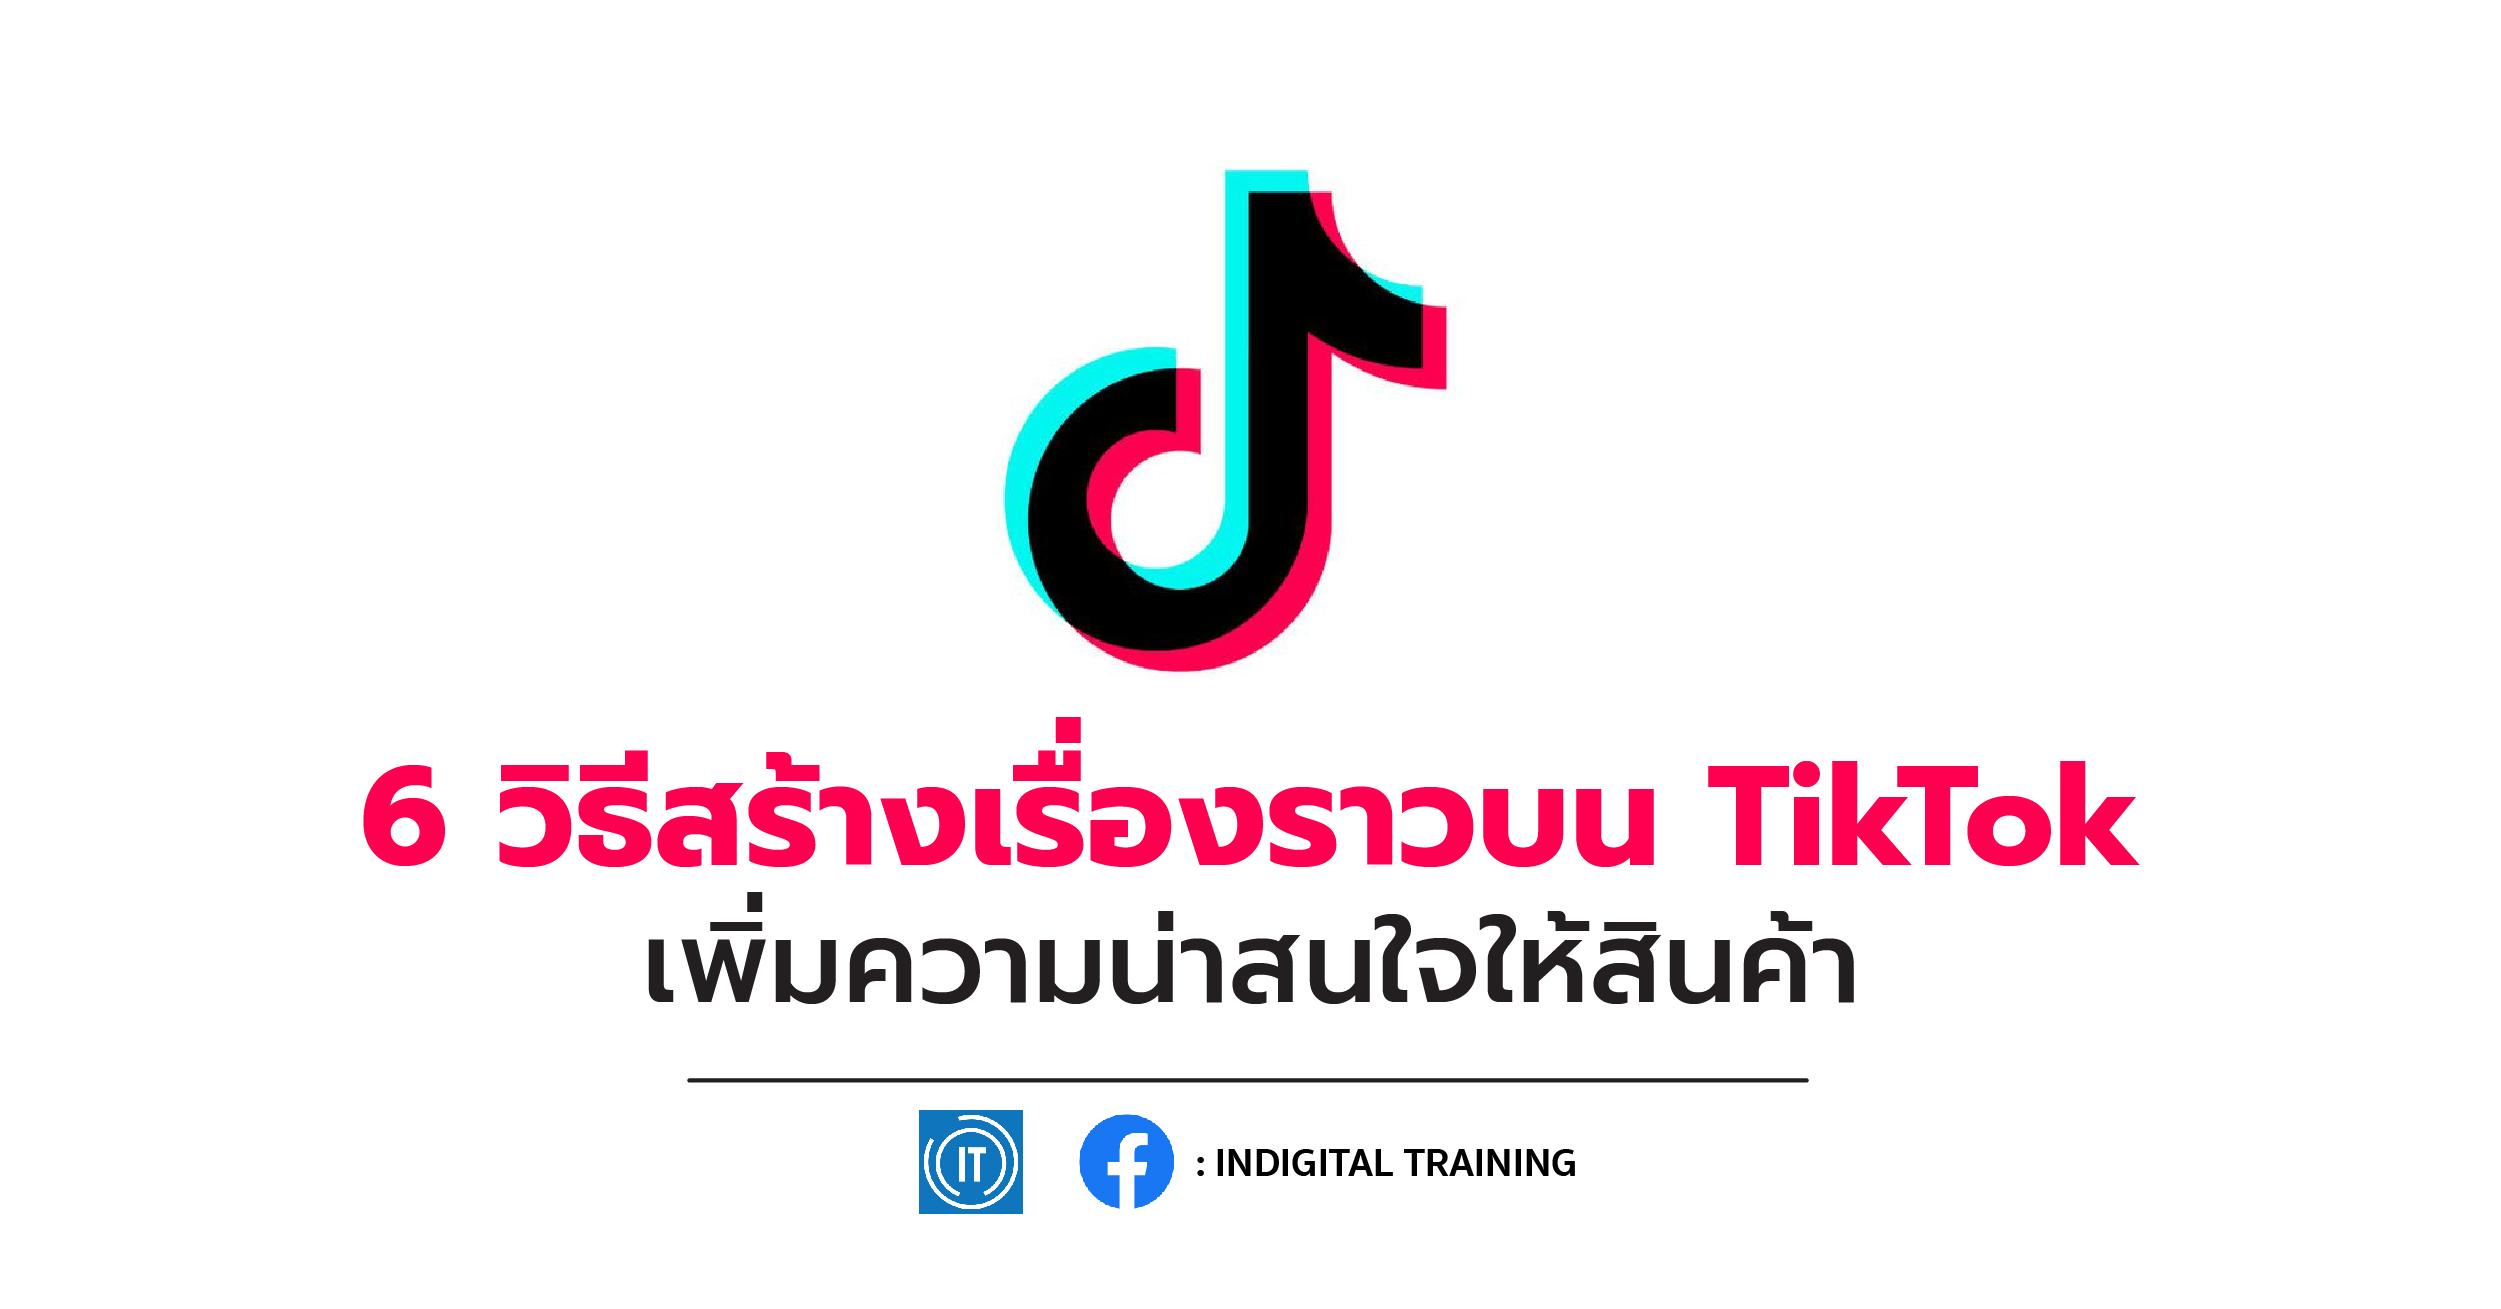 6 วิธีสร้างเรื่องราวบน TikTok เพิ่มความน่าสนใจให้สินค้า